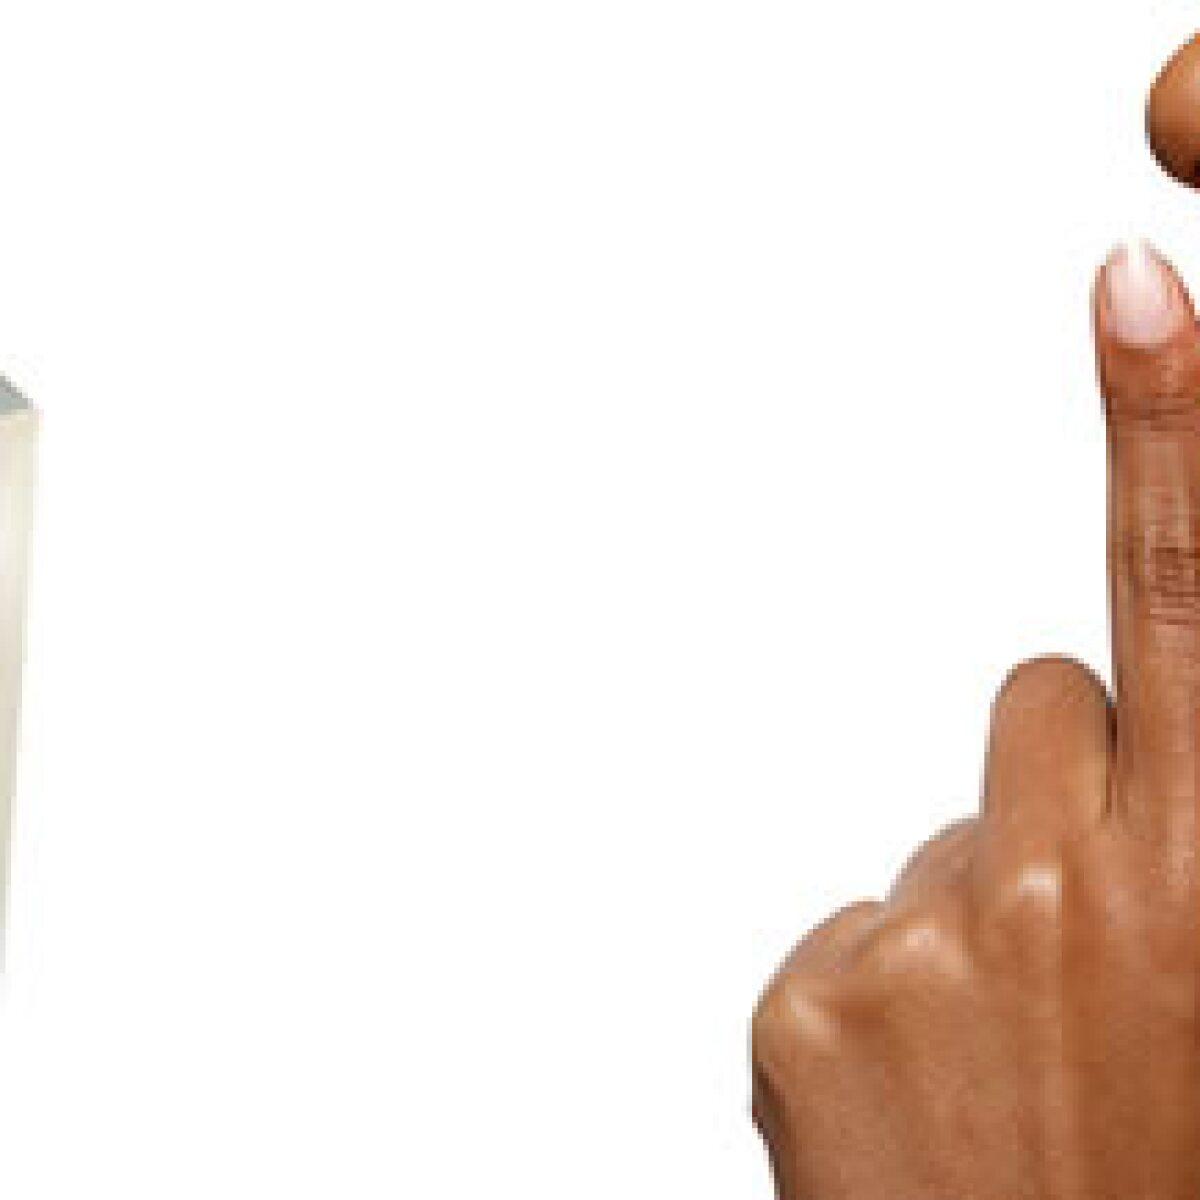 Claves para usar tu cuerpo y mejorar tu comunicación